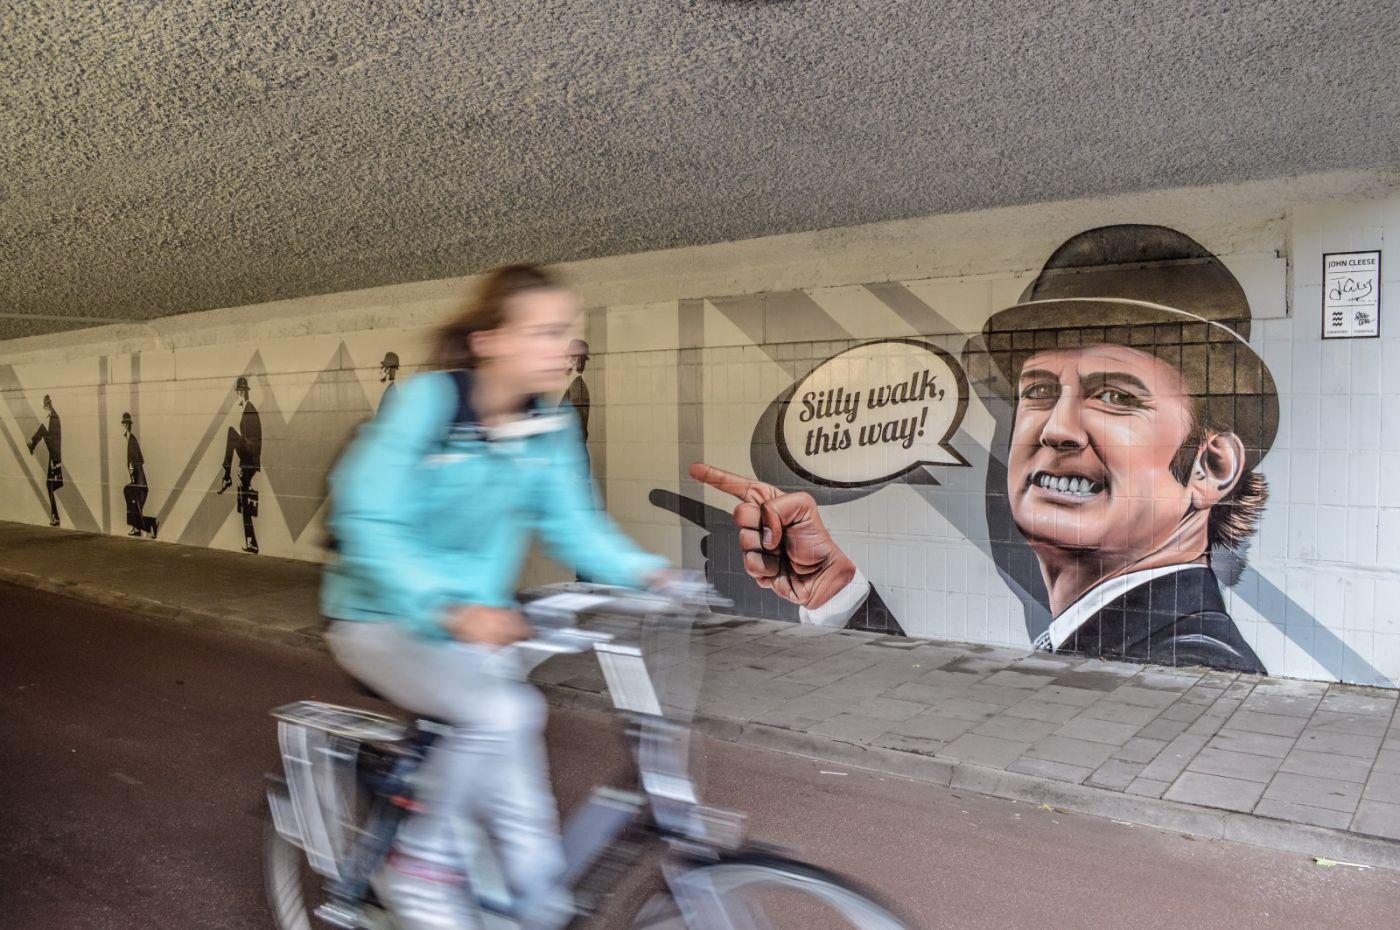 Netherlands_Eindhoven_SillyWalks_1400_930_80